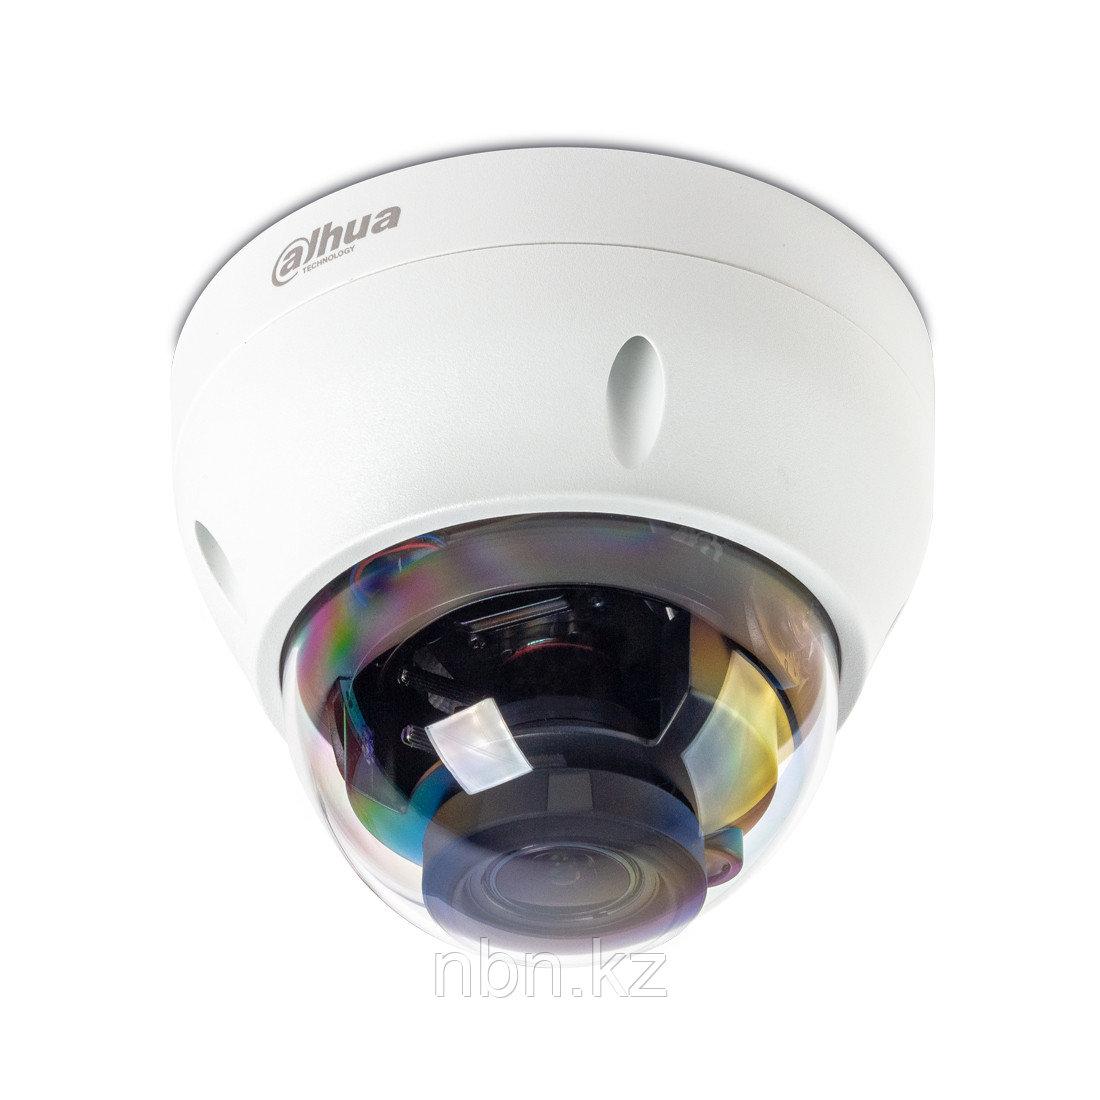 Купольная видеокамера Dahua DH-HAC-HDPW1410RP-VF-2712